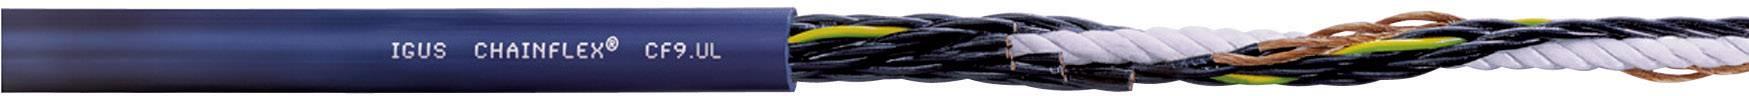 Řídicí kabelové vedení igus Chainflex® (CF9.05.02), 2x 0,5 mm², Ø 5,0 mm, 1 m, modrá